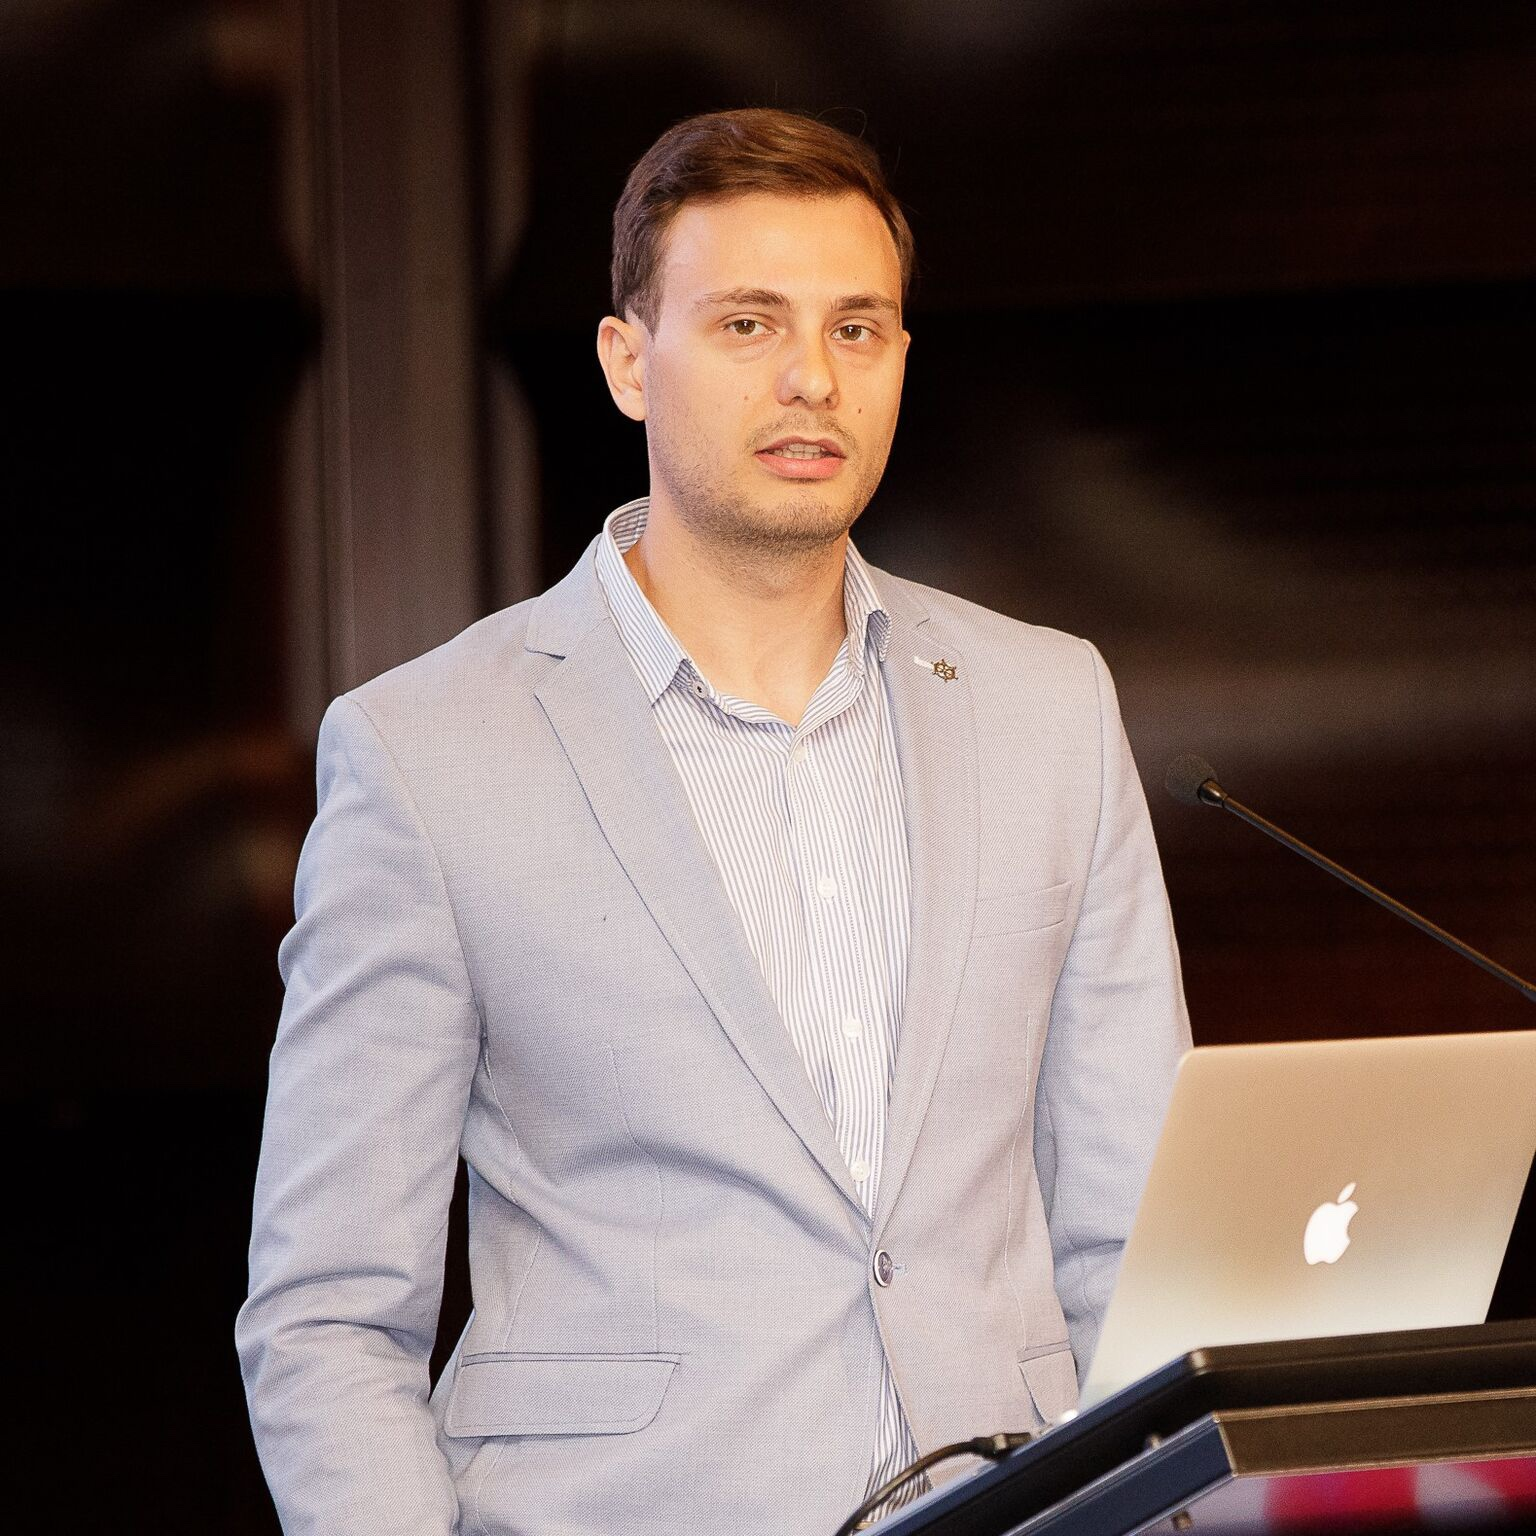 Gabriel Avramescu